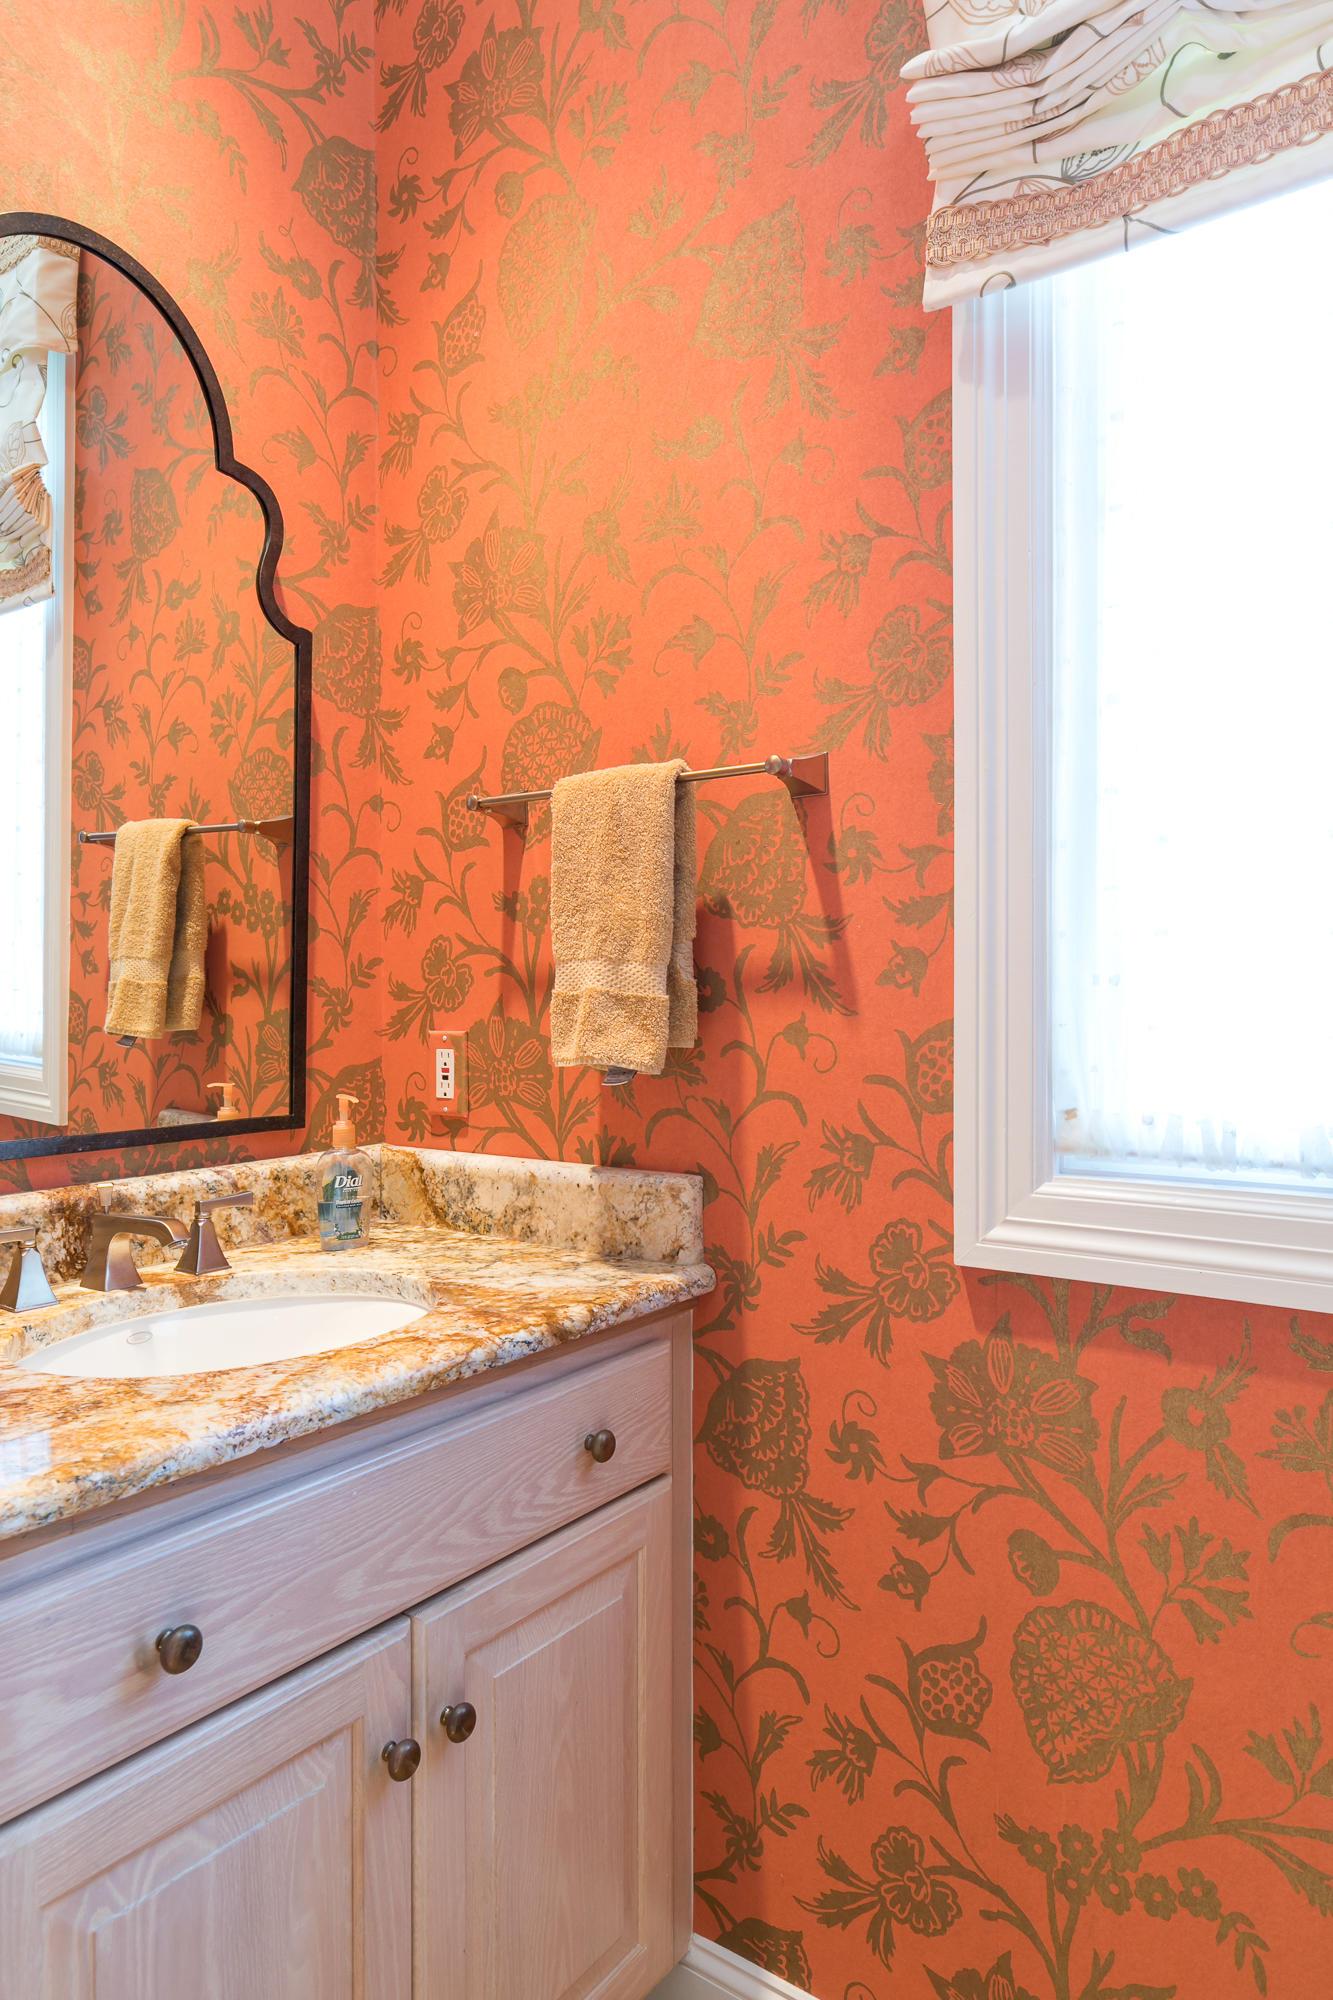 Seabrook Island Homes For Sale - 3640 Pompano, Seabrook Island, SC - 27